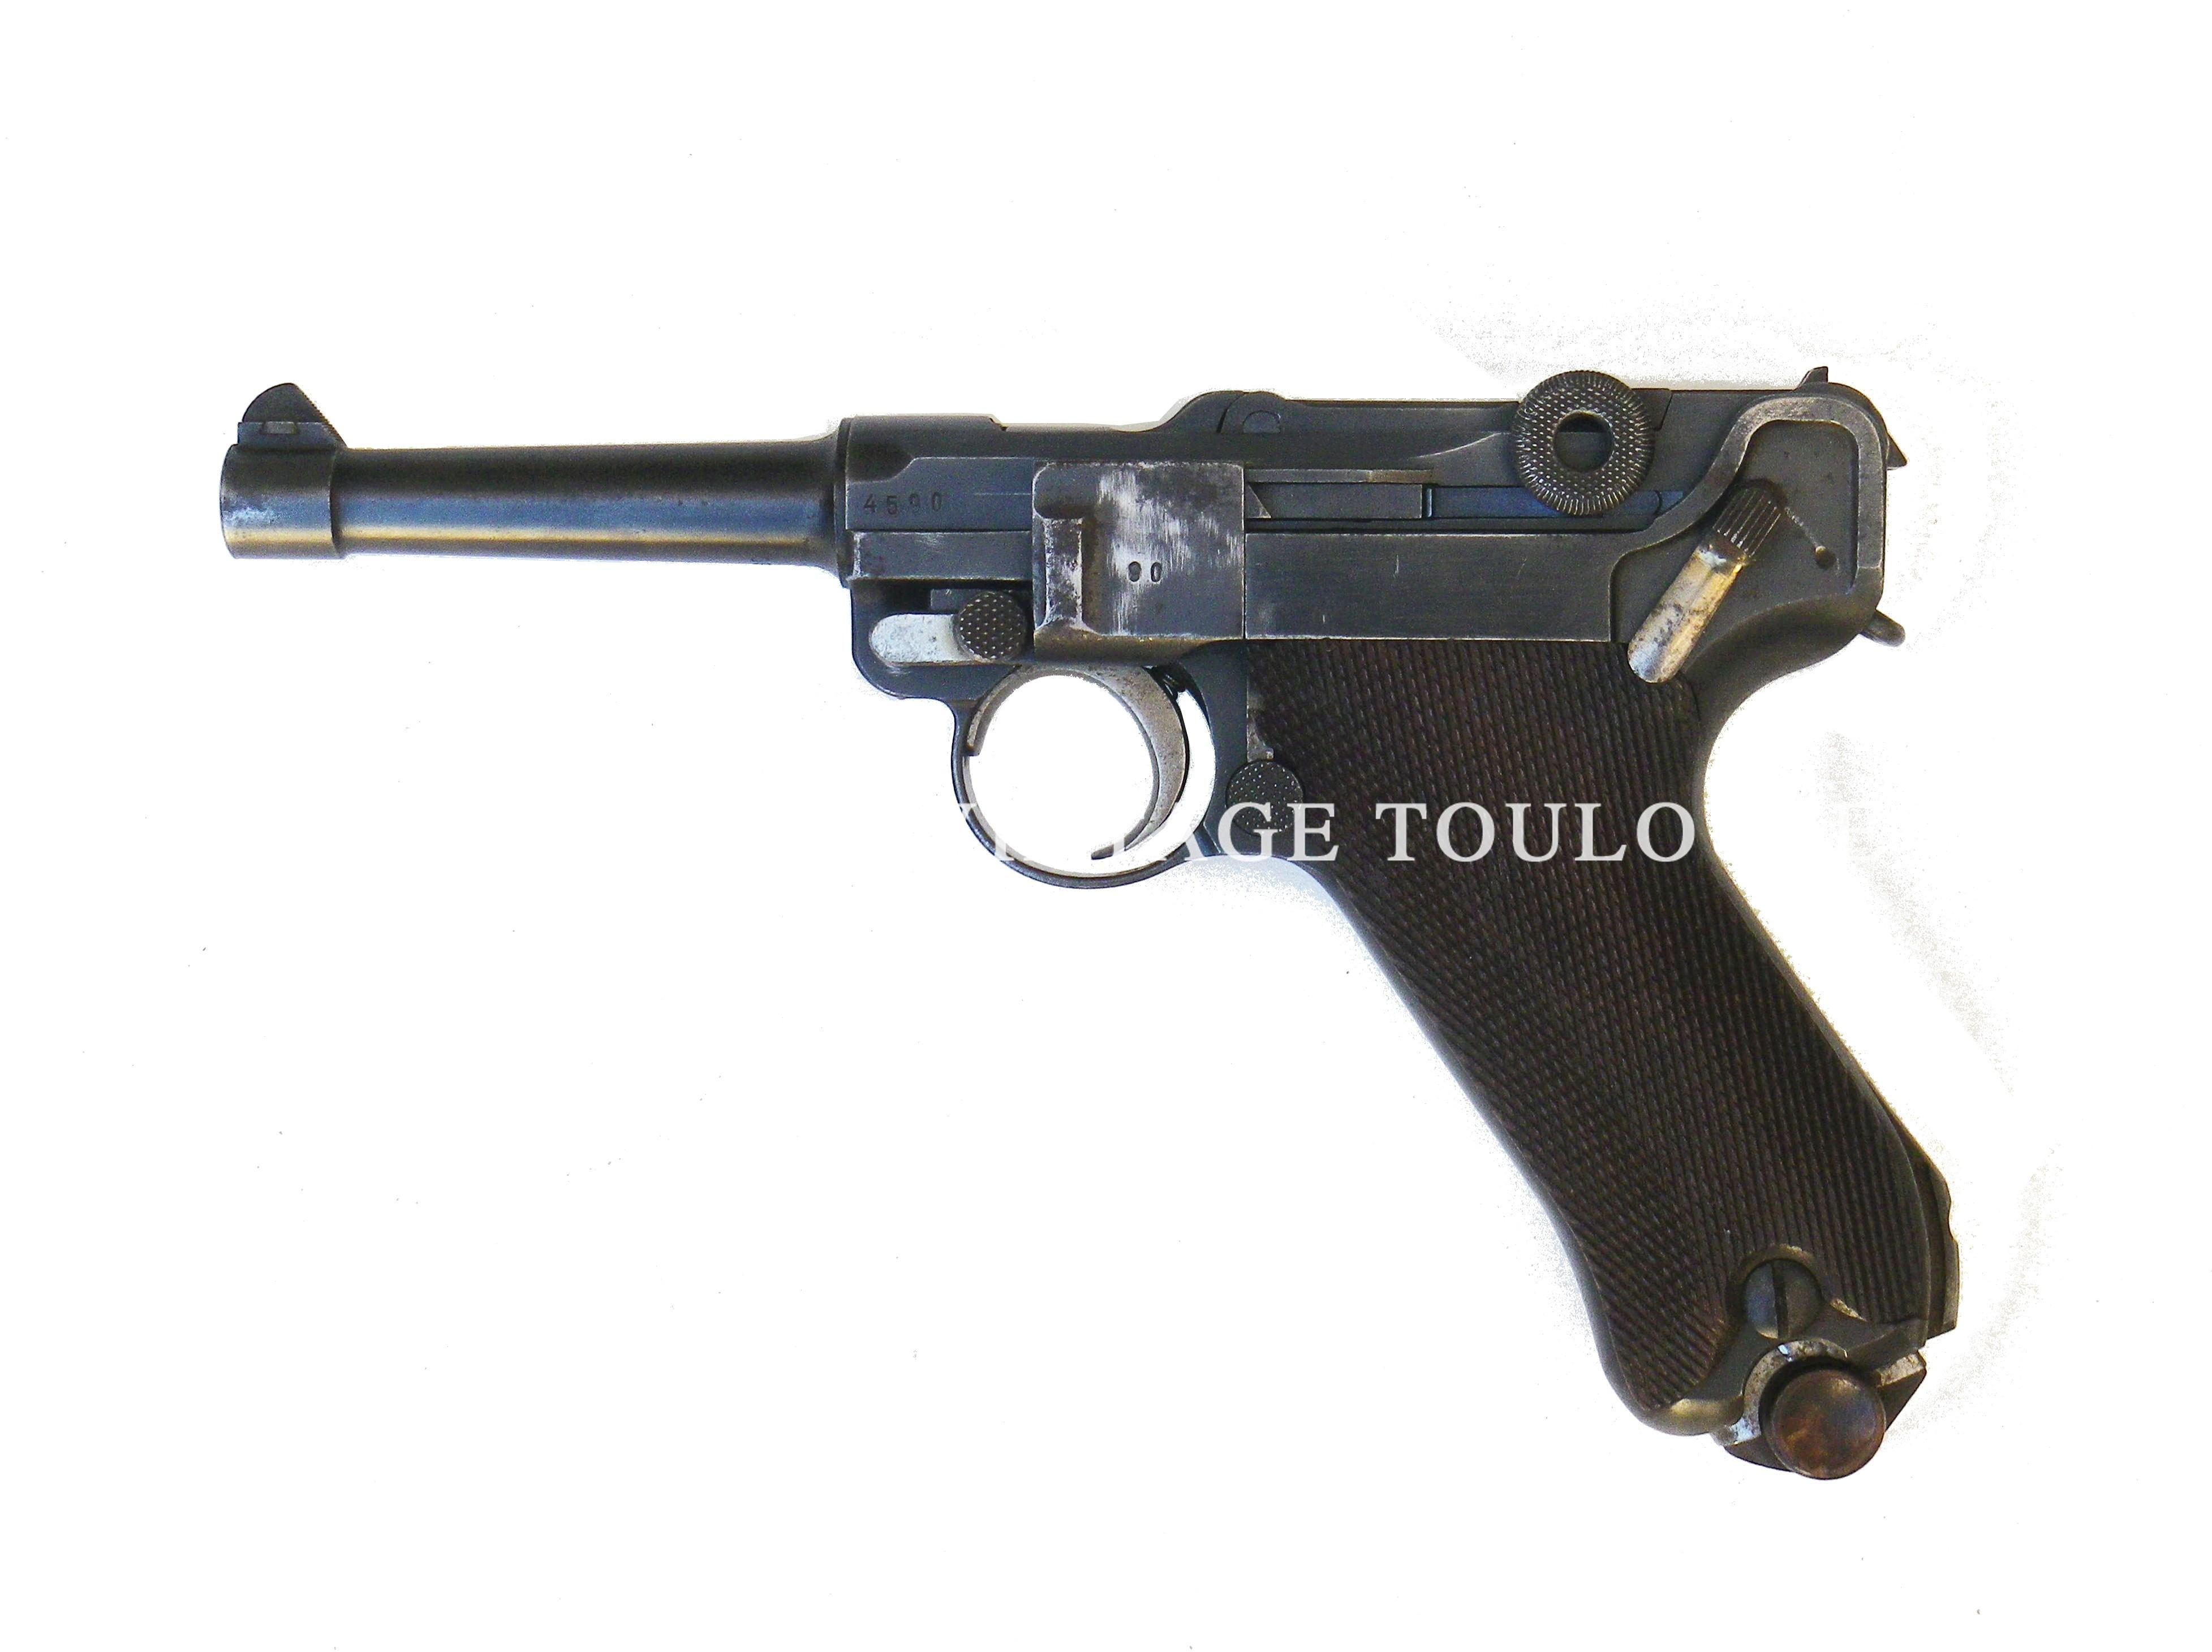 Rare Pistolet P08 de police calibre 9X19 pris sur un officier en Italie en 1944